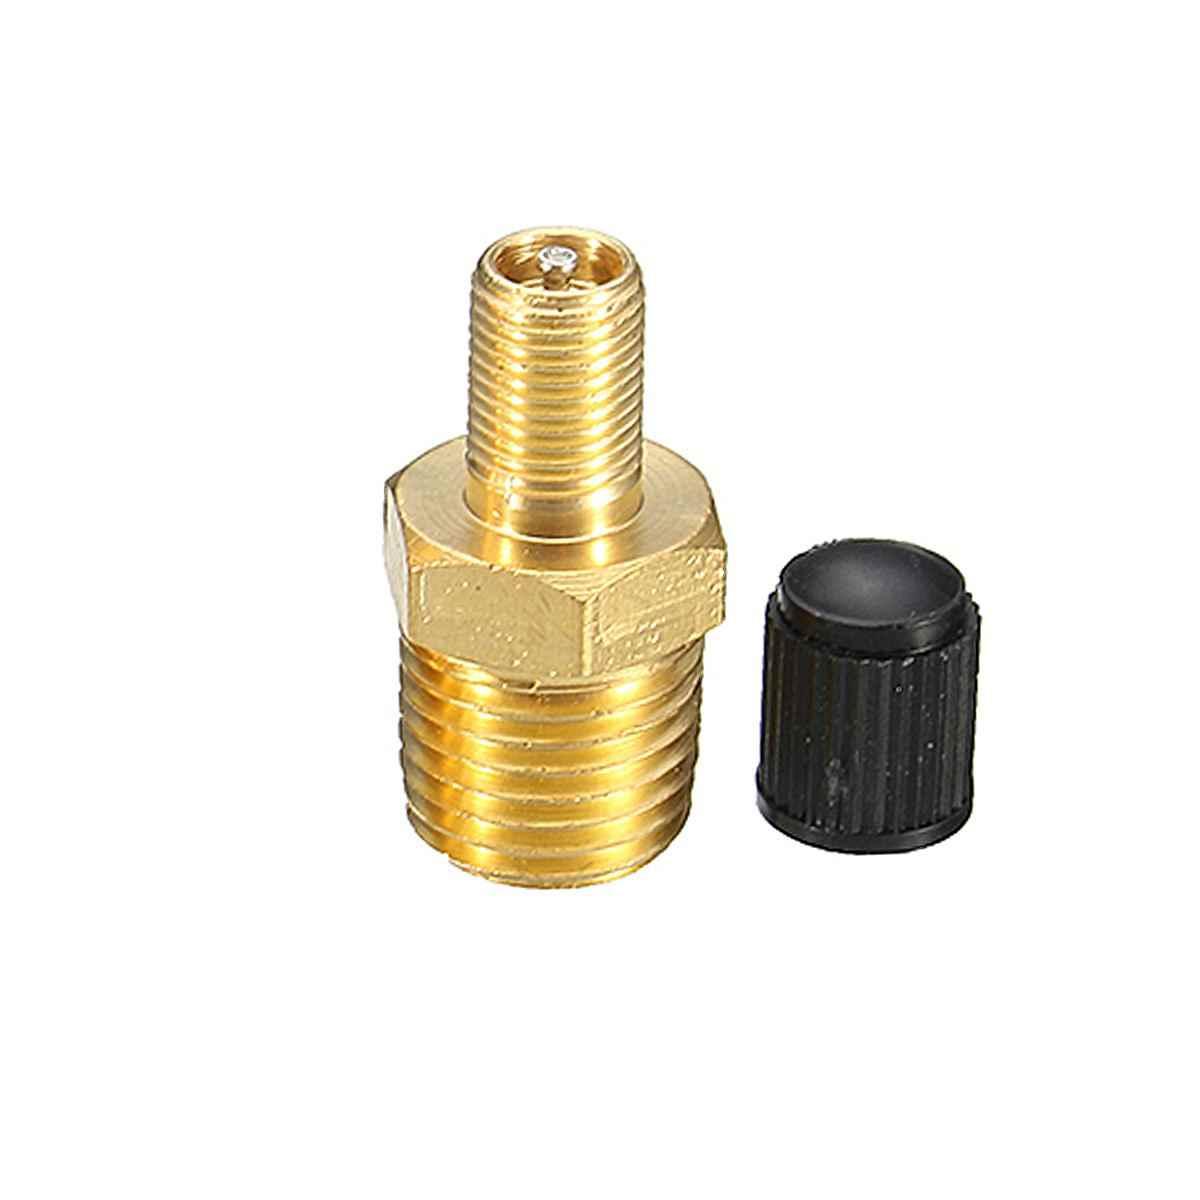 2 pezzi//set doppia testa professionale 1//8NPT MPT compressore daria in ottone serbatoio valvola di riempimento Schrader Accessori auto-oro e nero